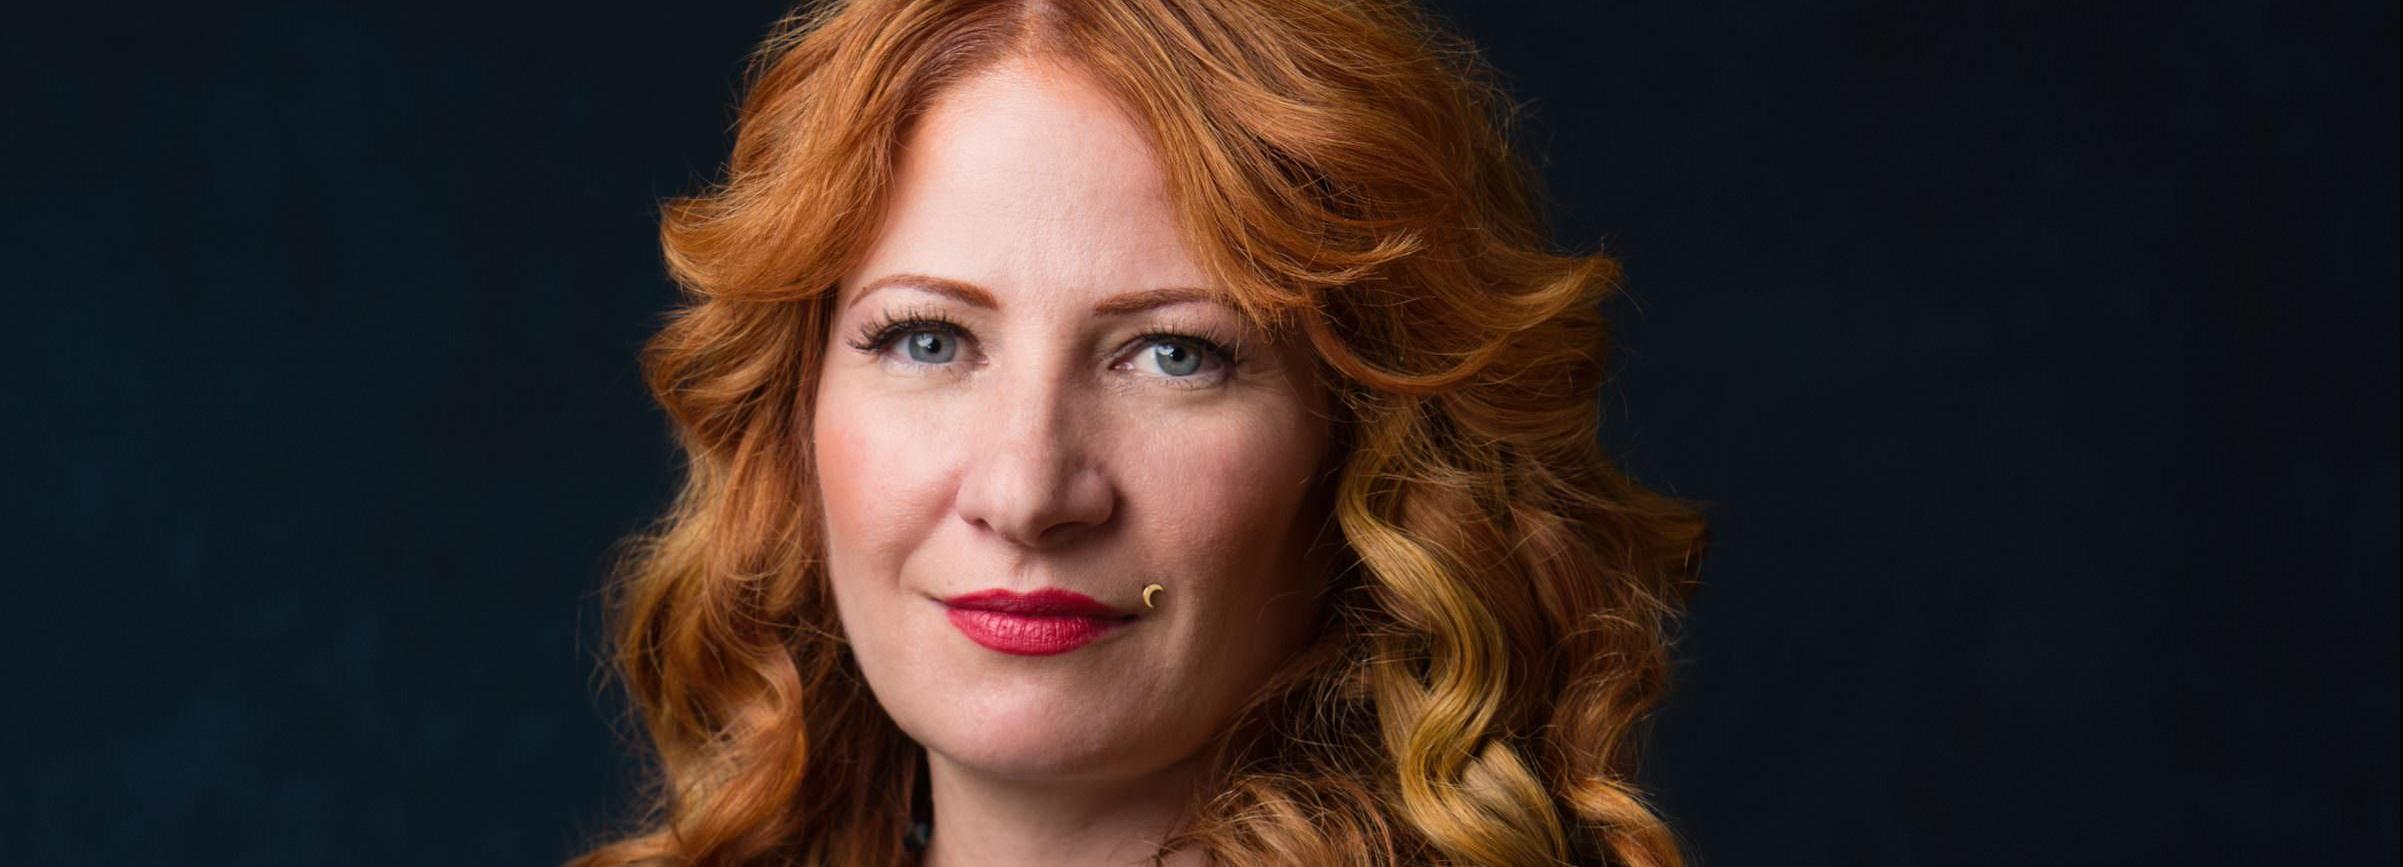 židovský rande z New Yorku online datování profil vzorku žena